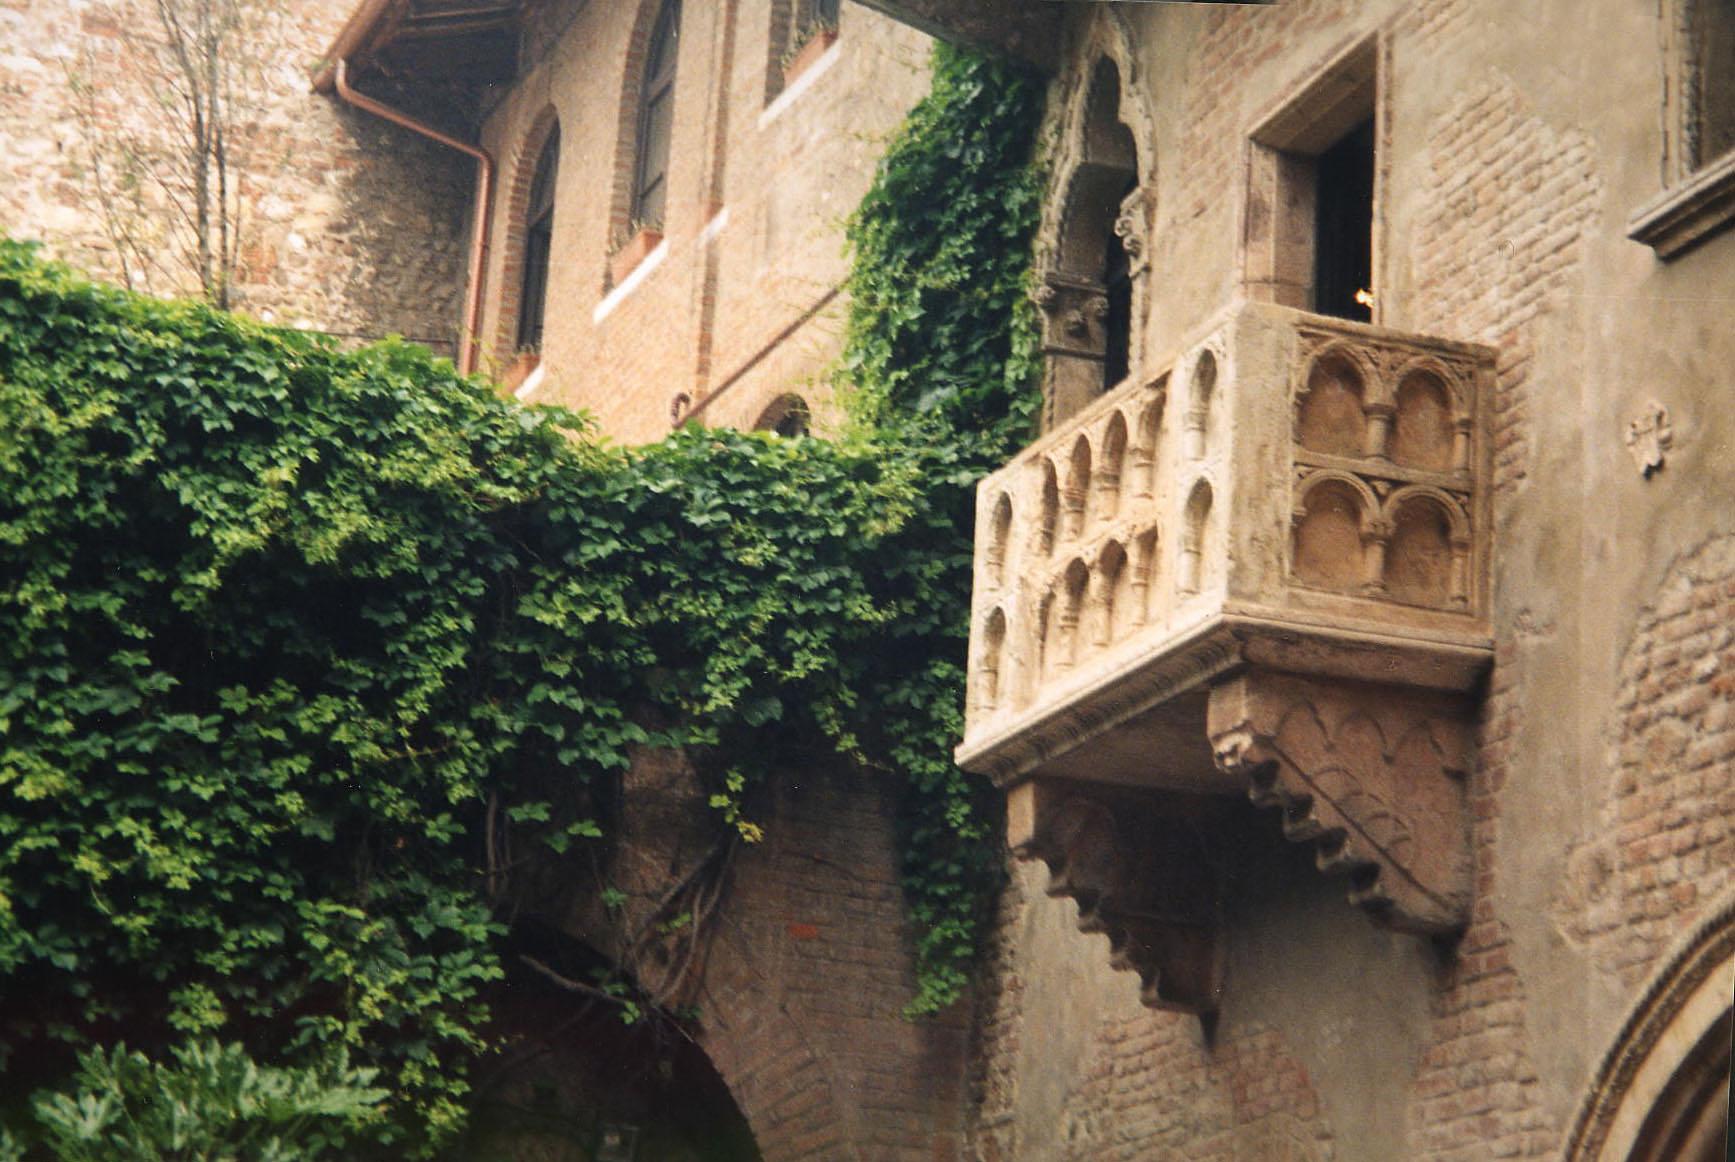 Juliet;s Balcony